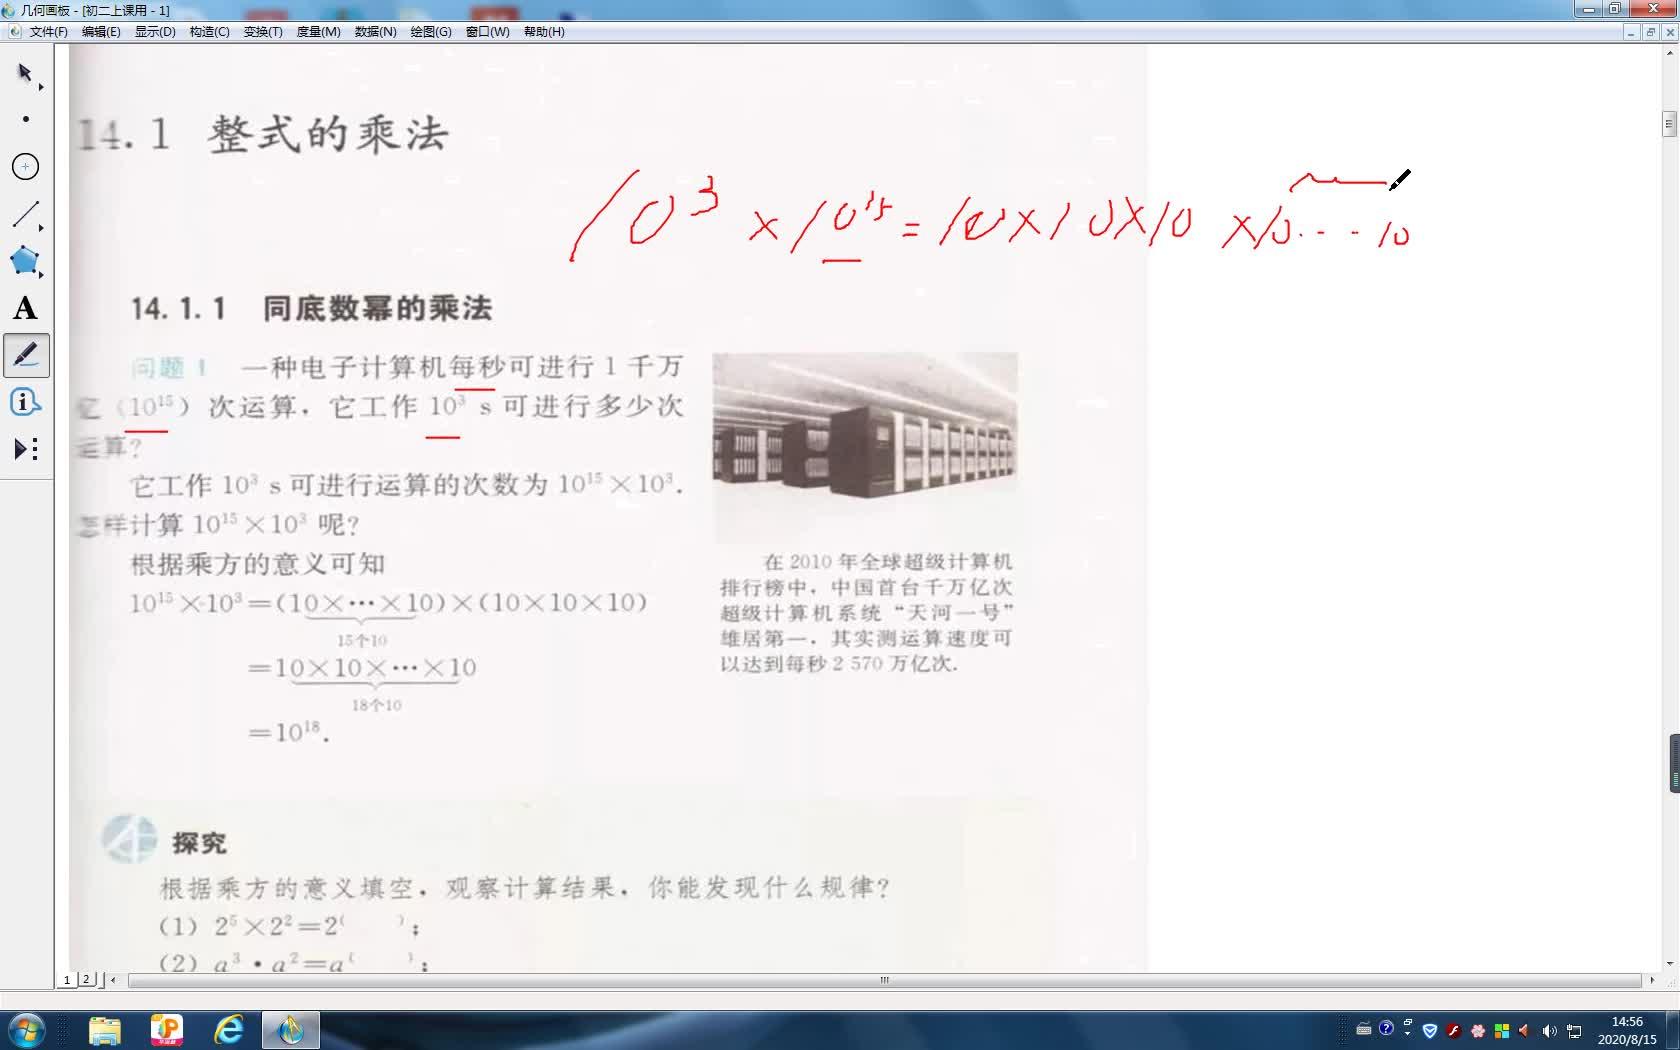 14.1.1同底数幂的乘法[来自e网通极速客户端]人教版八年级上册  14.1.1同底数幂的乘法 视频讲解人教版八年级上册  14.1.1同底数幂的乘法 视频讲解